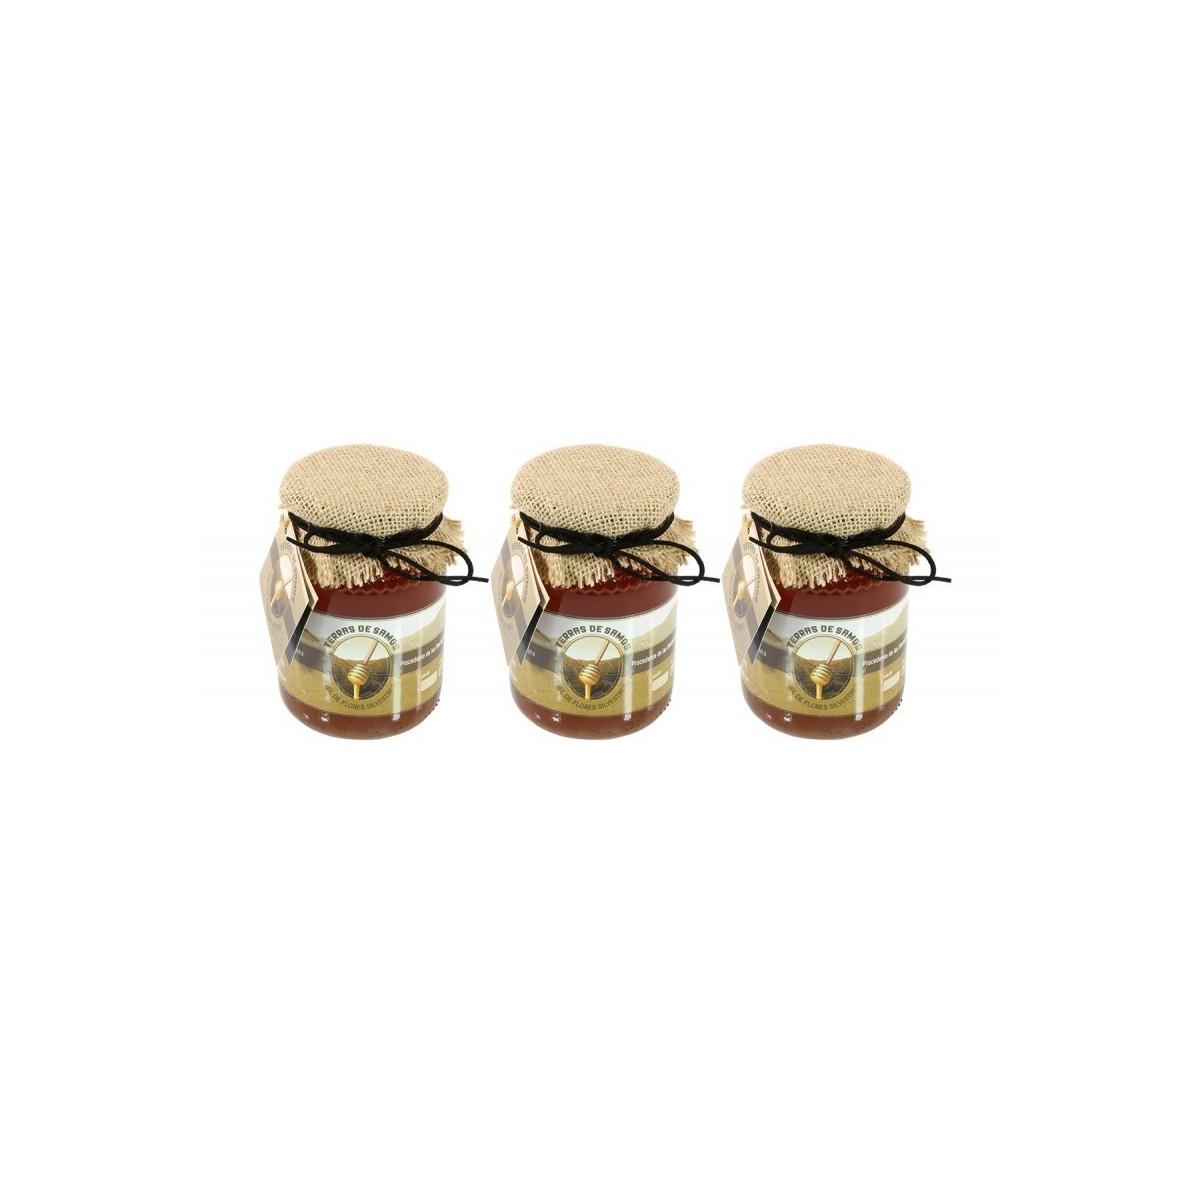 Pack 3 Botes de 500 gr. de Miel de orégano